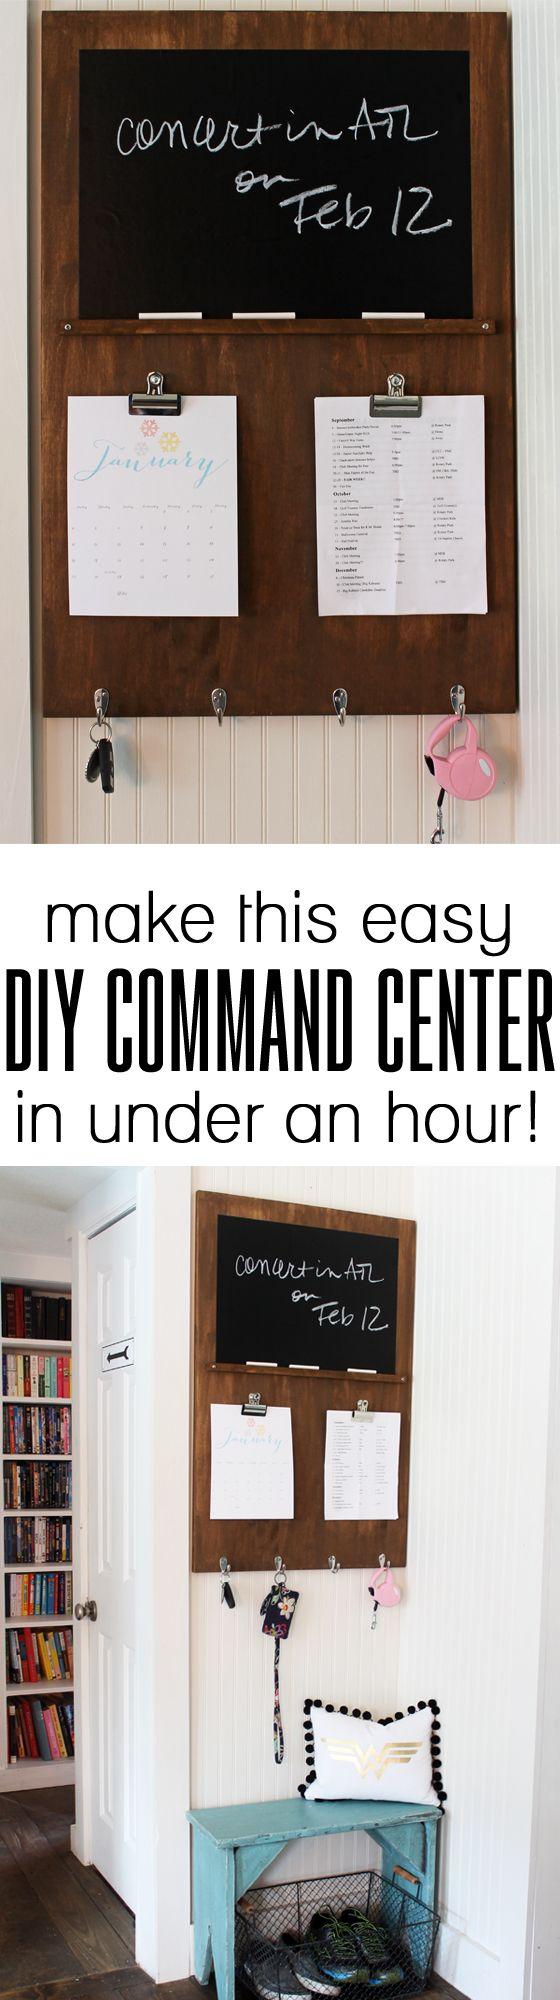 Quick Build DIY Command Center